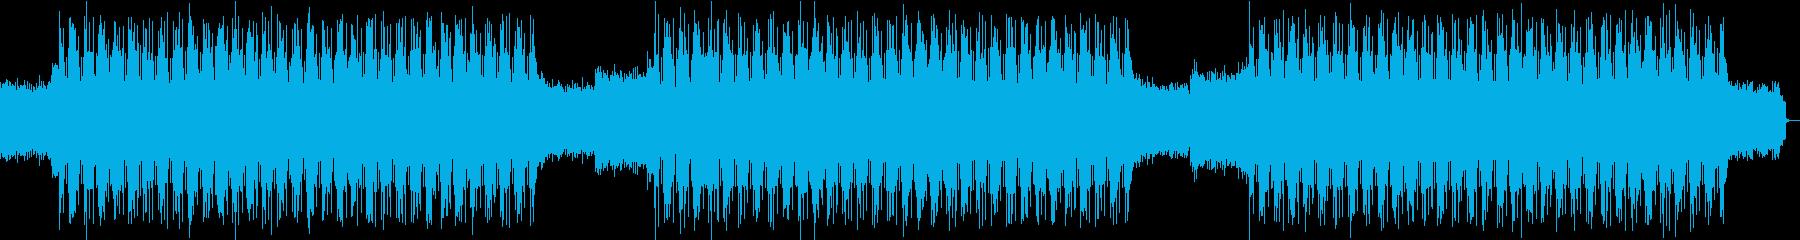 邪悪・ダーク・激しい・イベント・入場の再生済みの波形